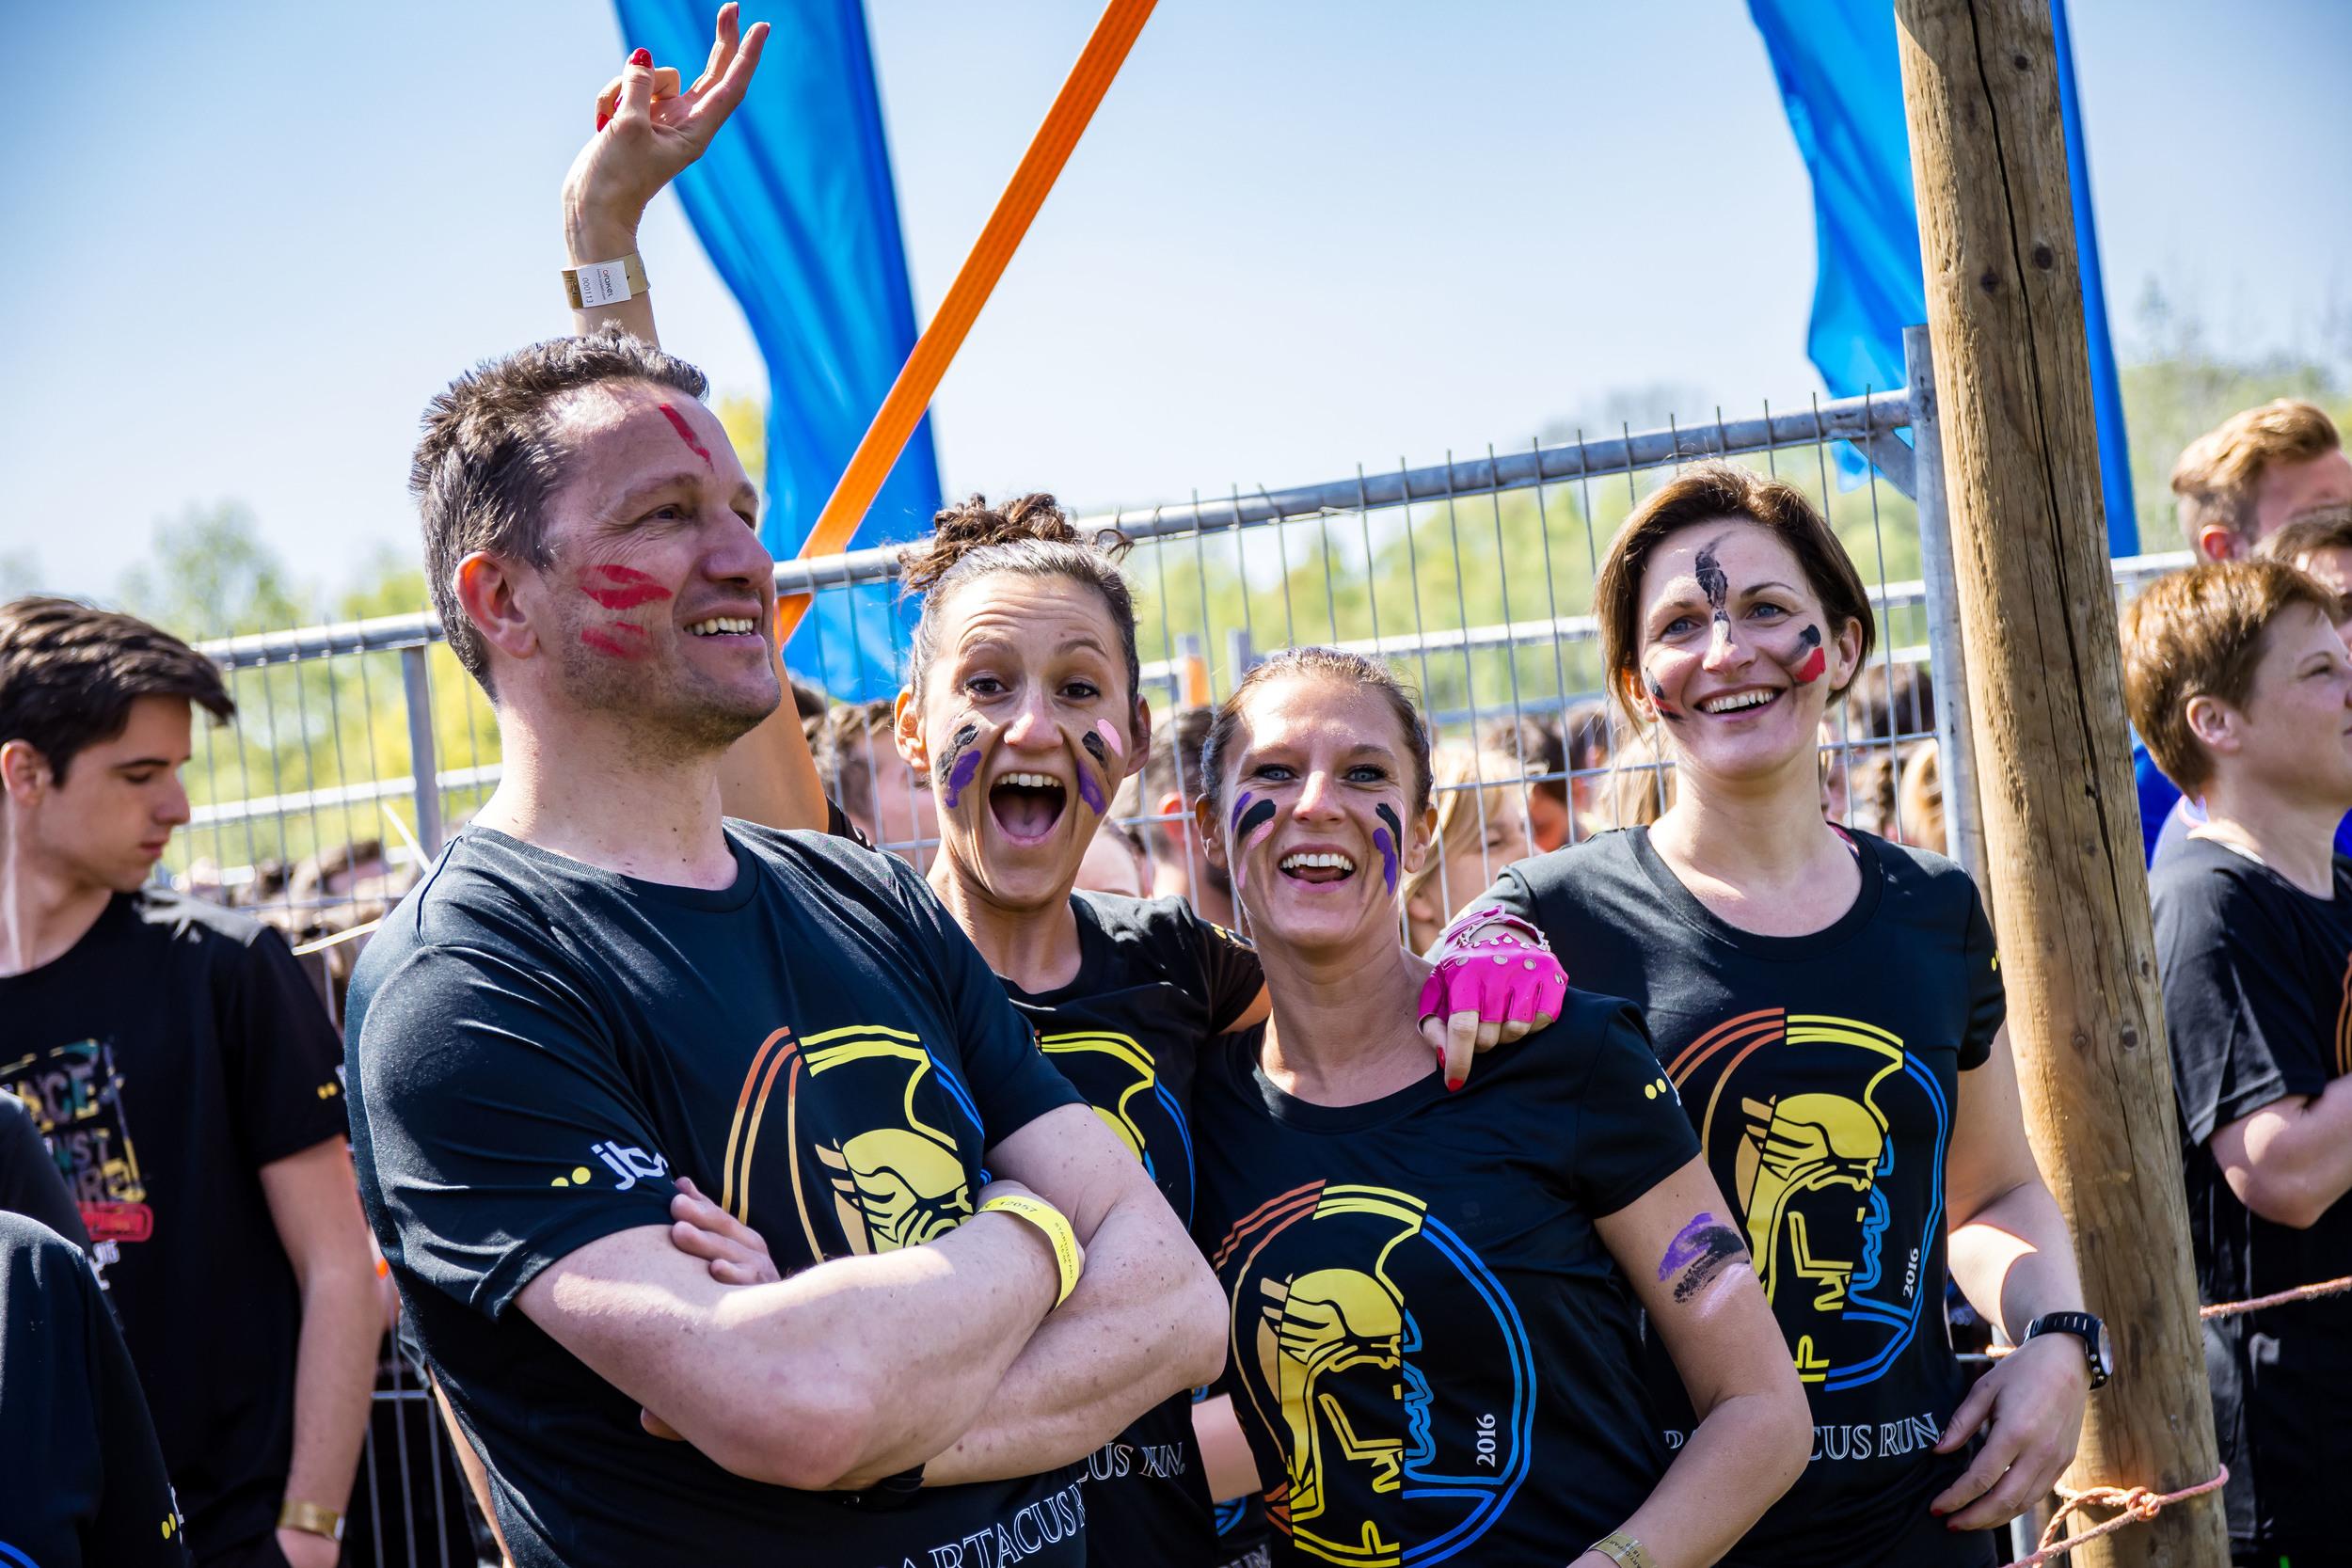 Viewfinder-Spartacus-Run-Boom-2016-48.jpg